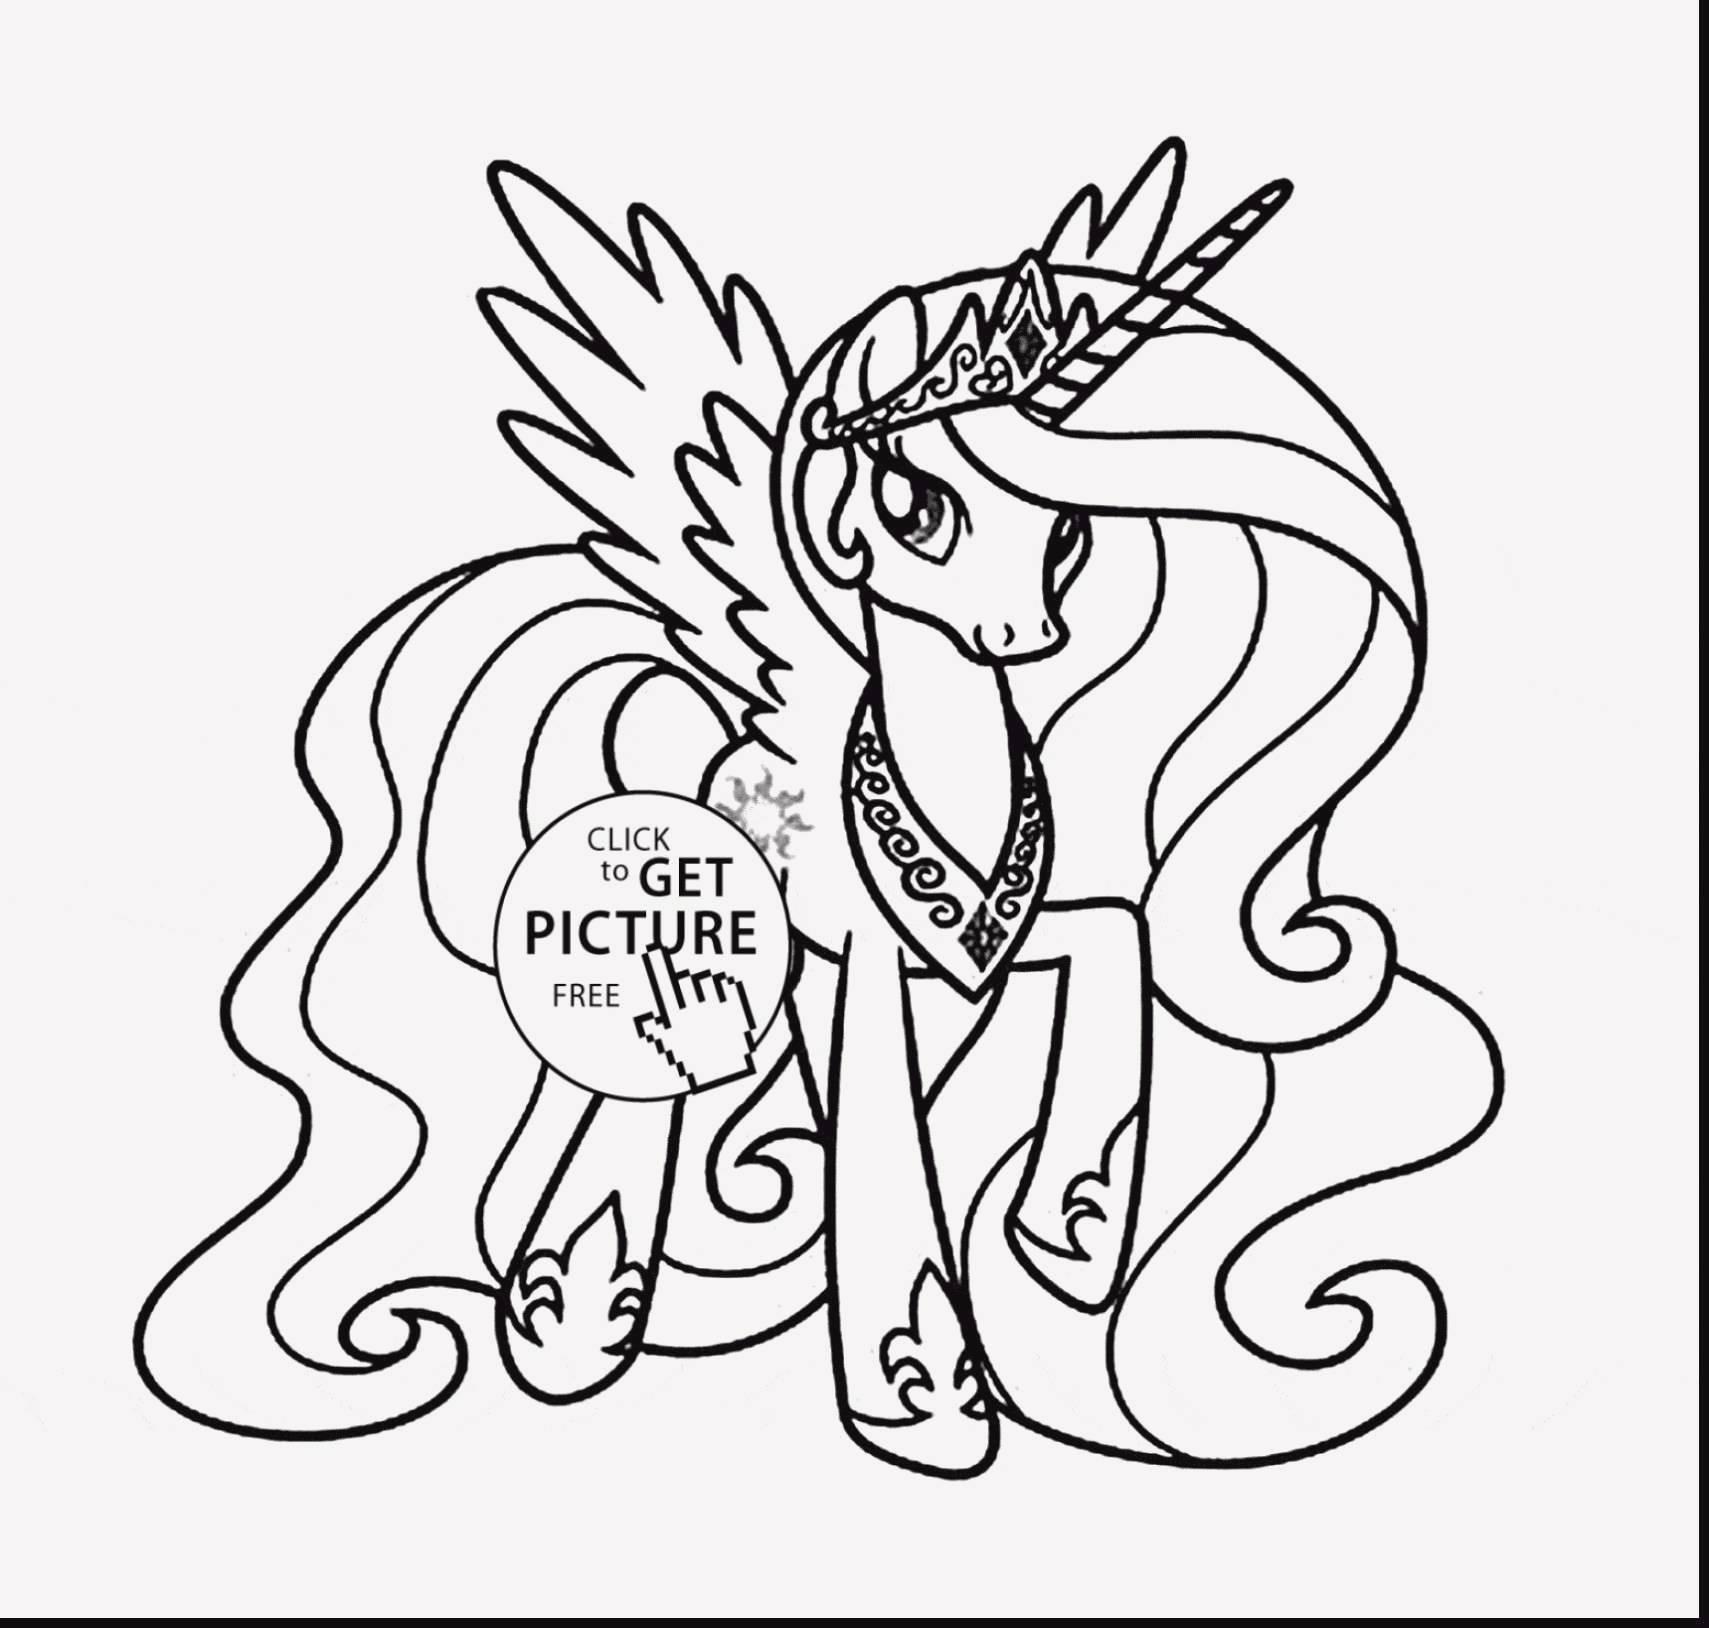 My Little Pony Friendship is Magic Ausmalbilder Einzigartig 25 Druckbar Ausmalbilder Prinzessin Lillifee Kleine Einhorn Bilder